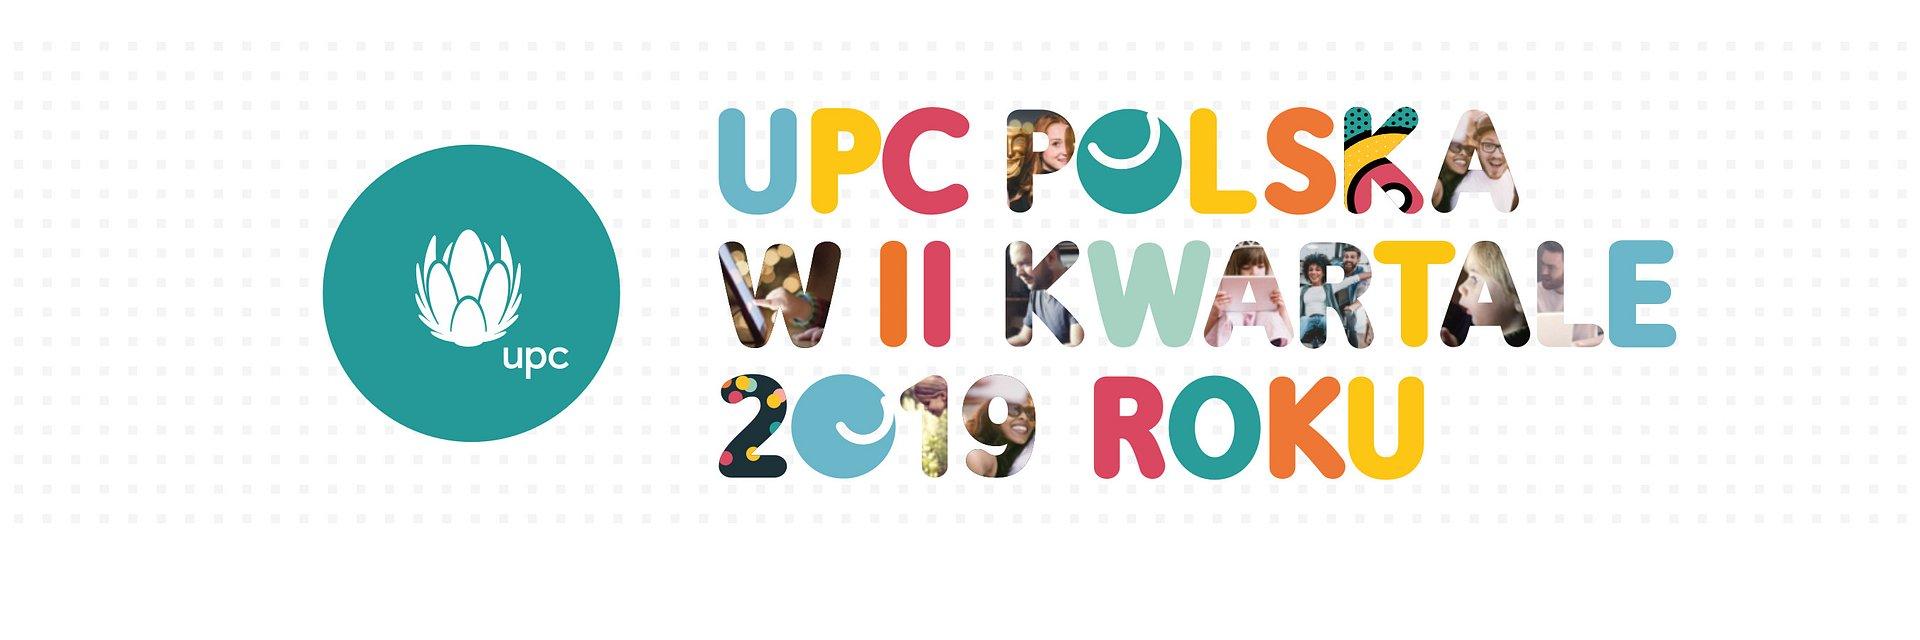 UPC Polska kontynuuje wzrost w II kwartale